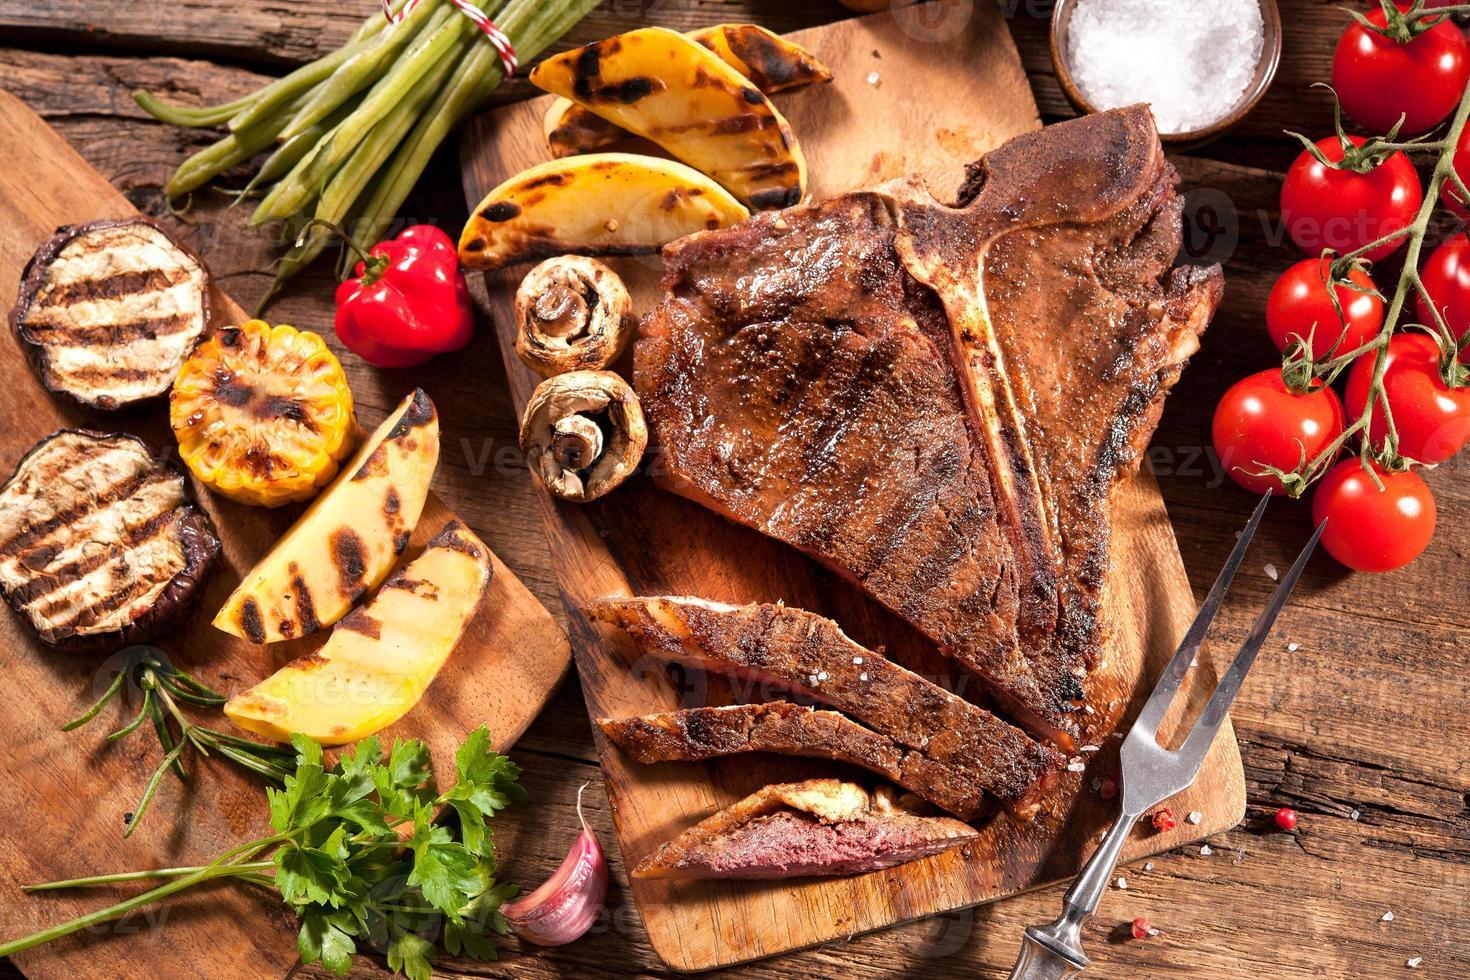 biefstuk met gegrilde groenten foto